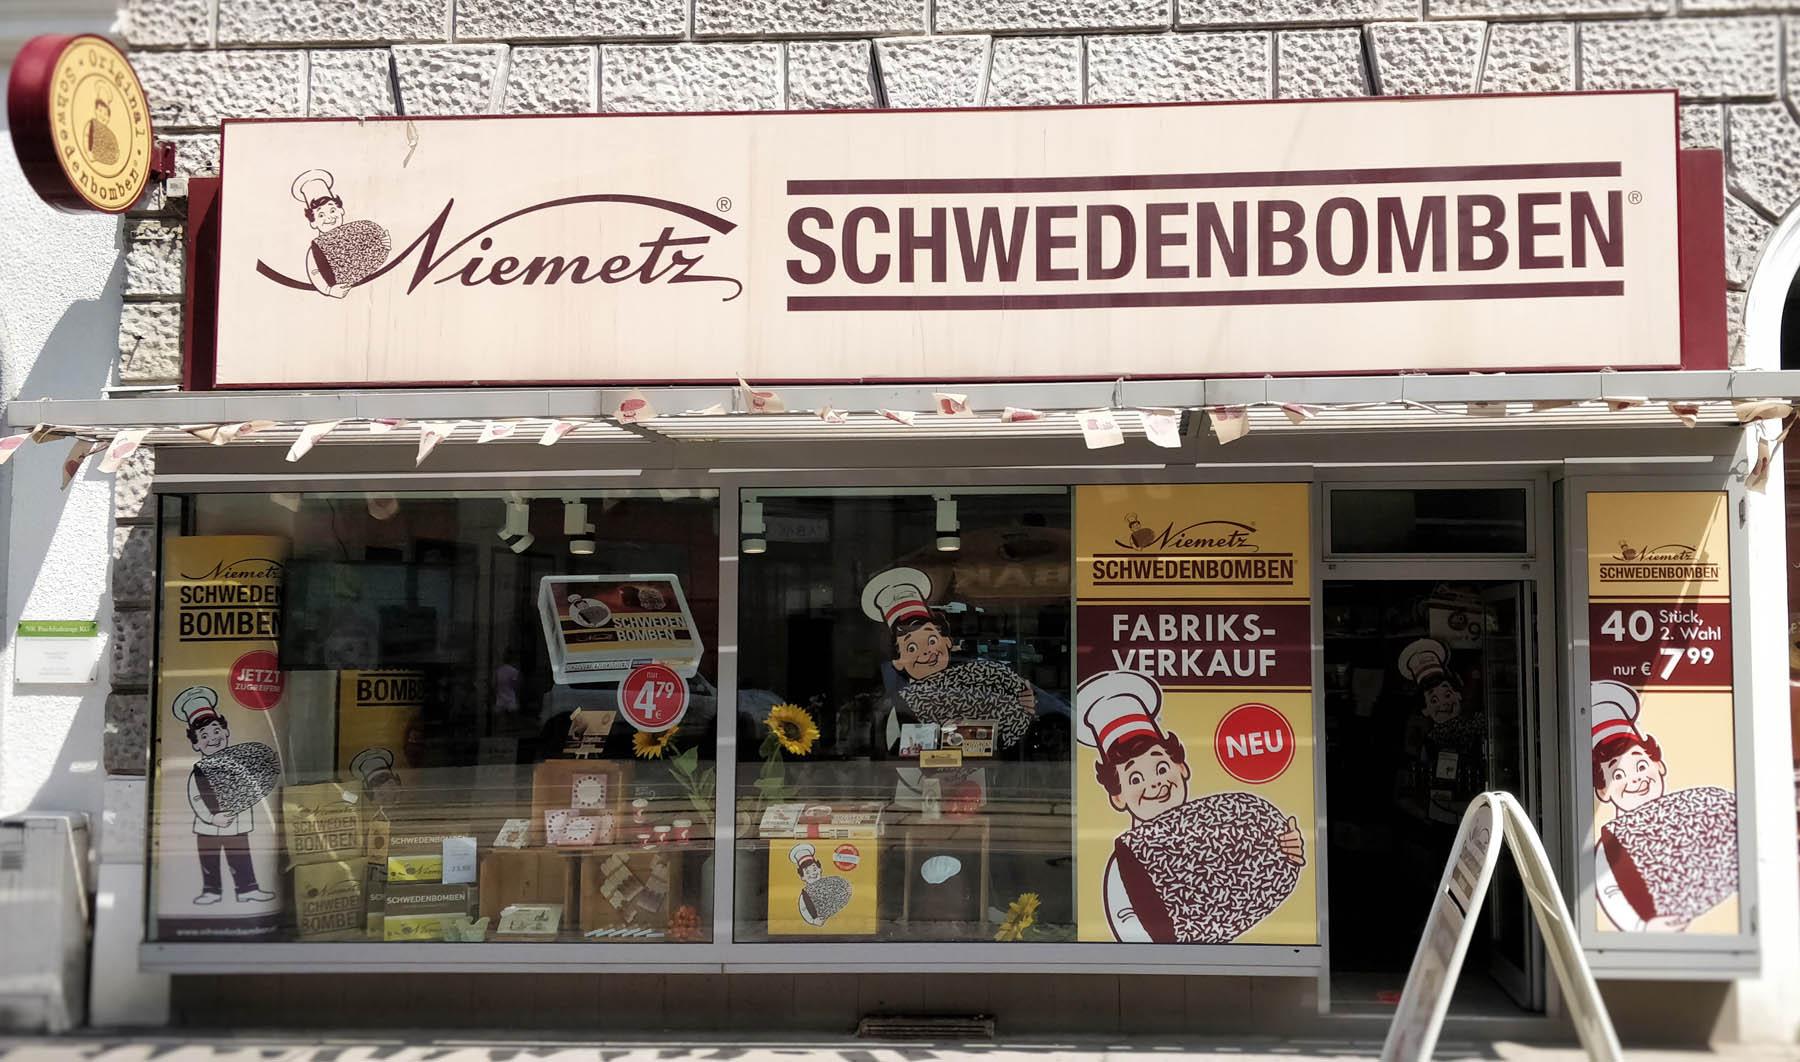 Niemetz Shop am Rennweg